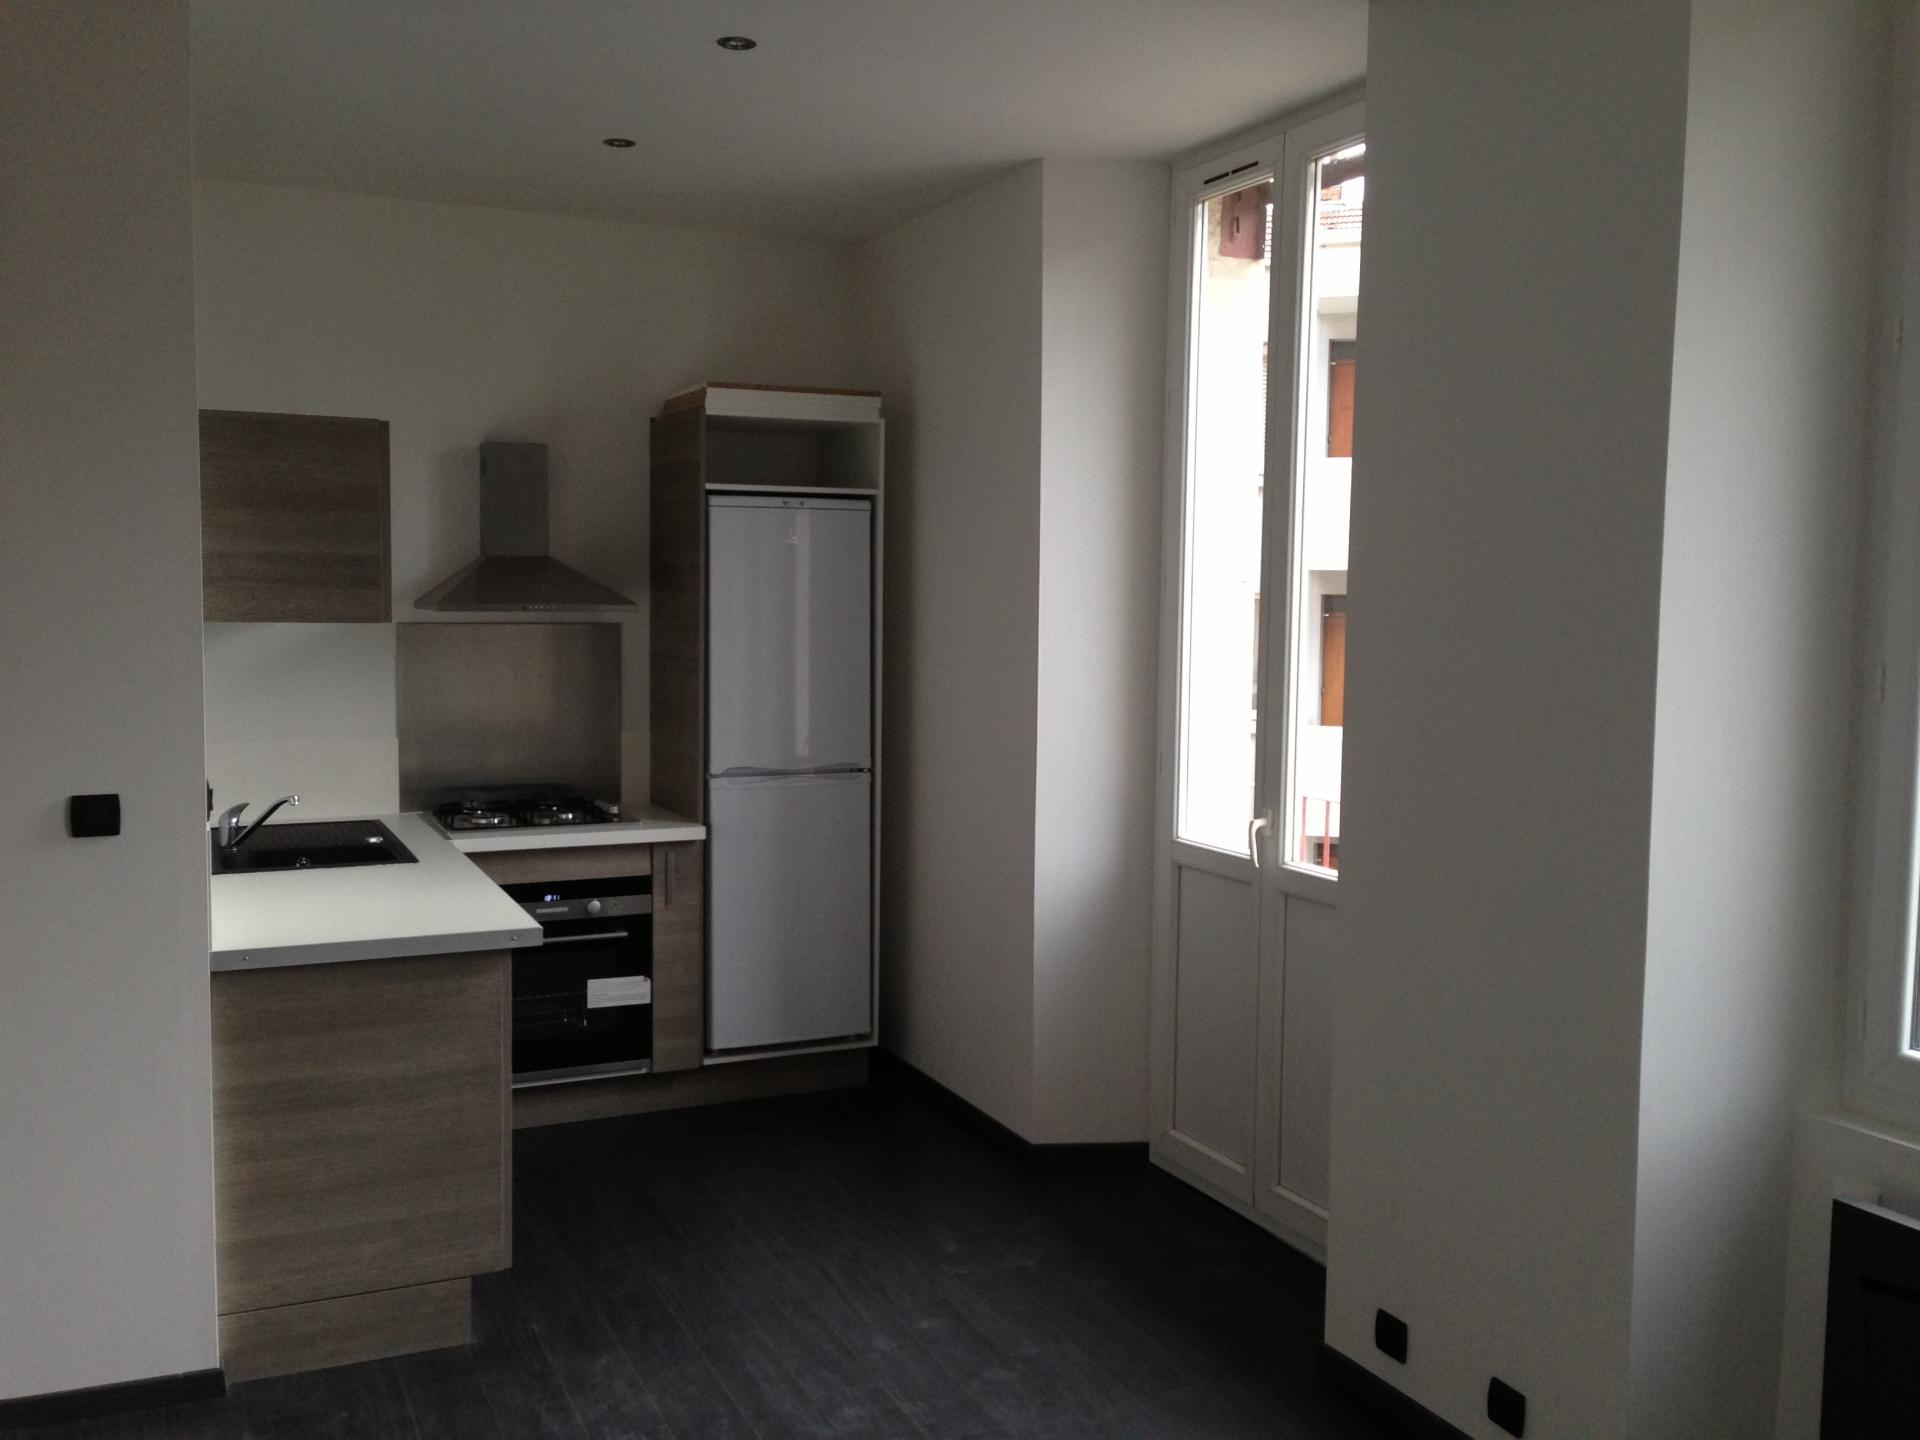 Visiter un appartement en location à Grenoble